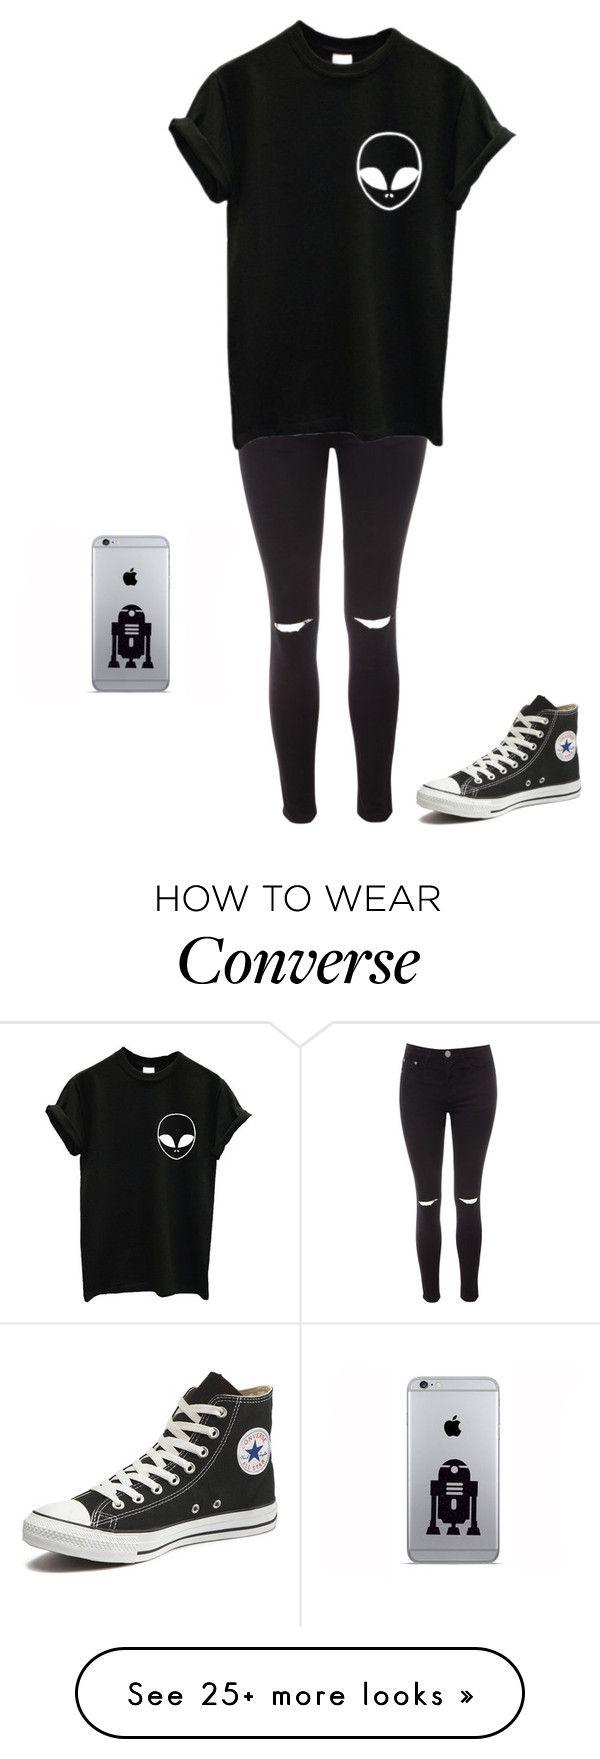 Ooooh, sin duda alguna, este es mi estilo de ropa. Negro ✔. Siempre puede usarse para una salida nocturna con amigos